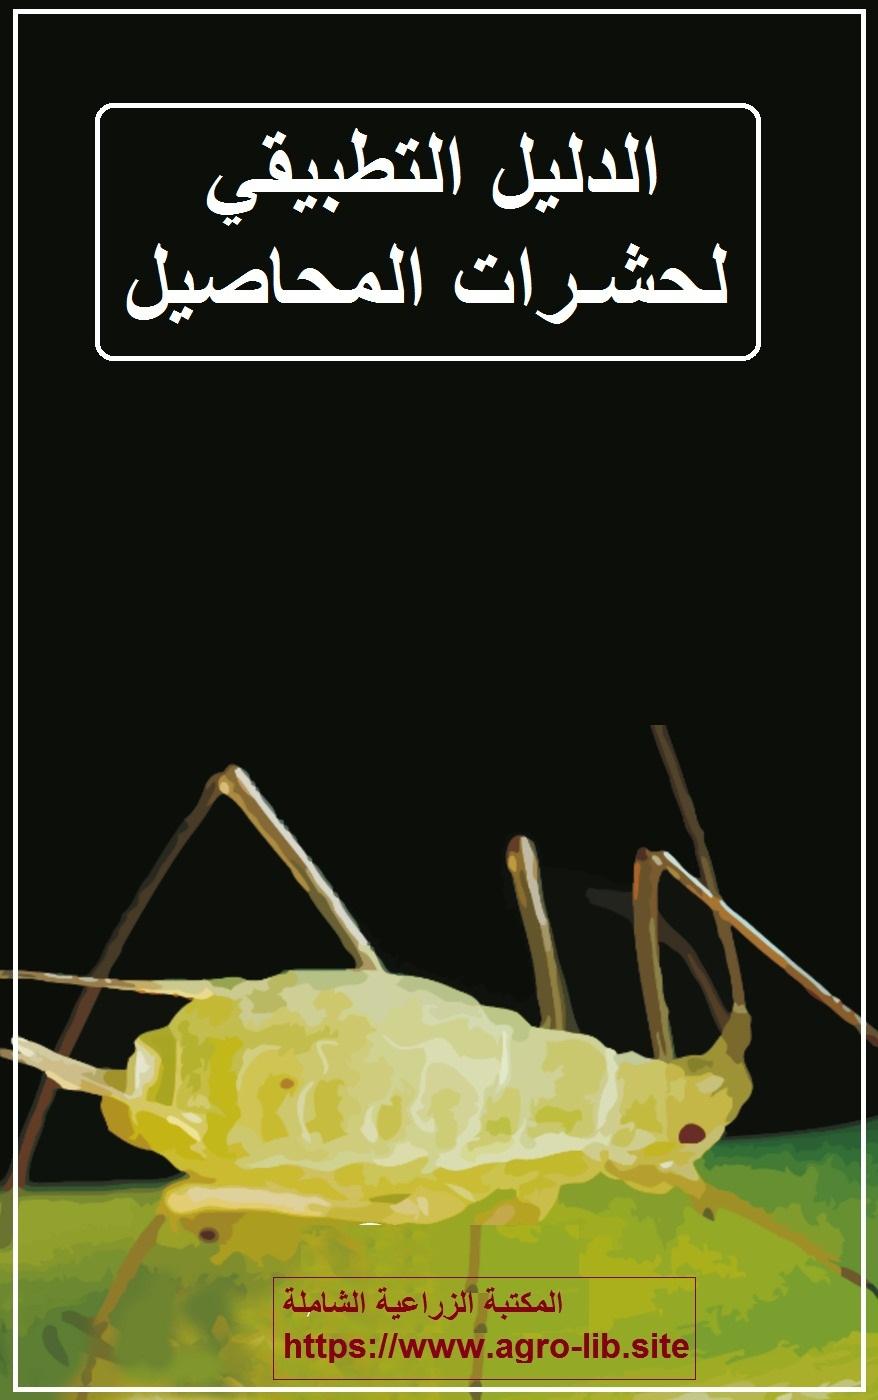 كتاب : الدليل التطبيقي لحشرات المحاصيل